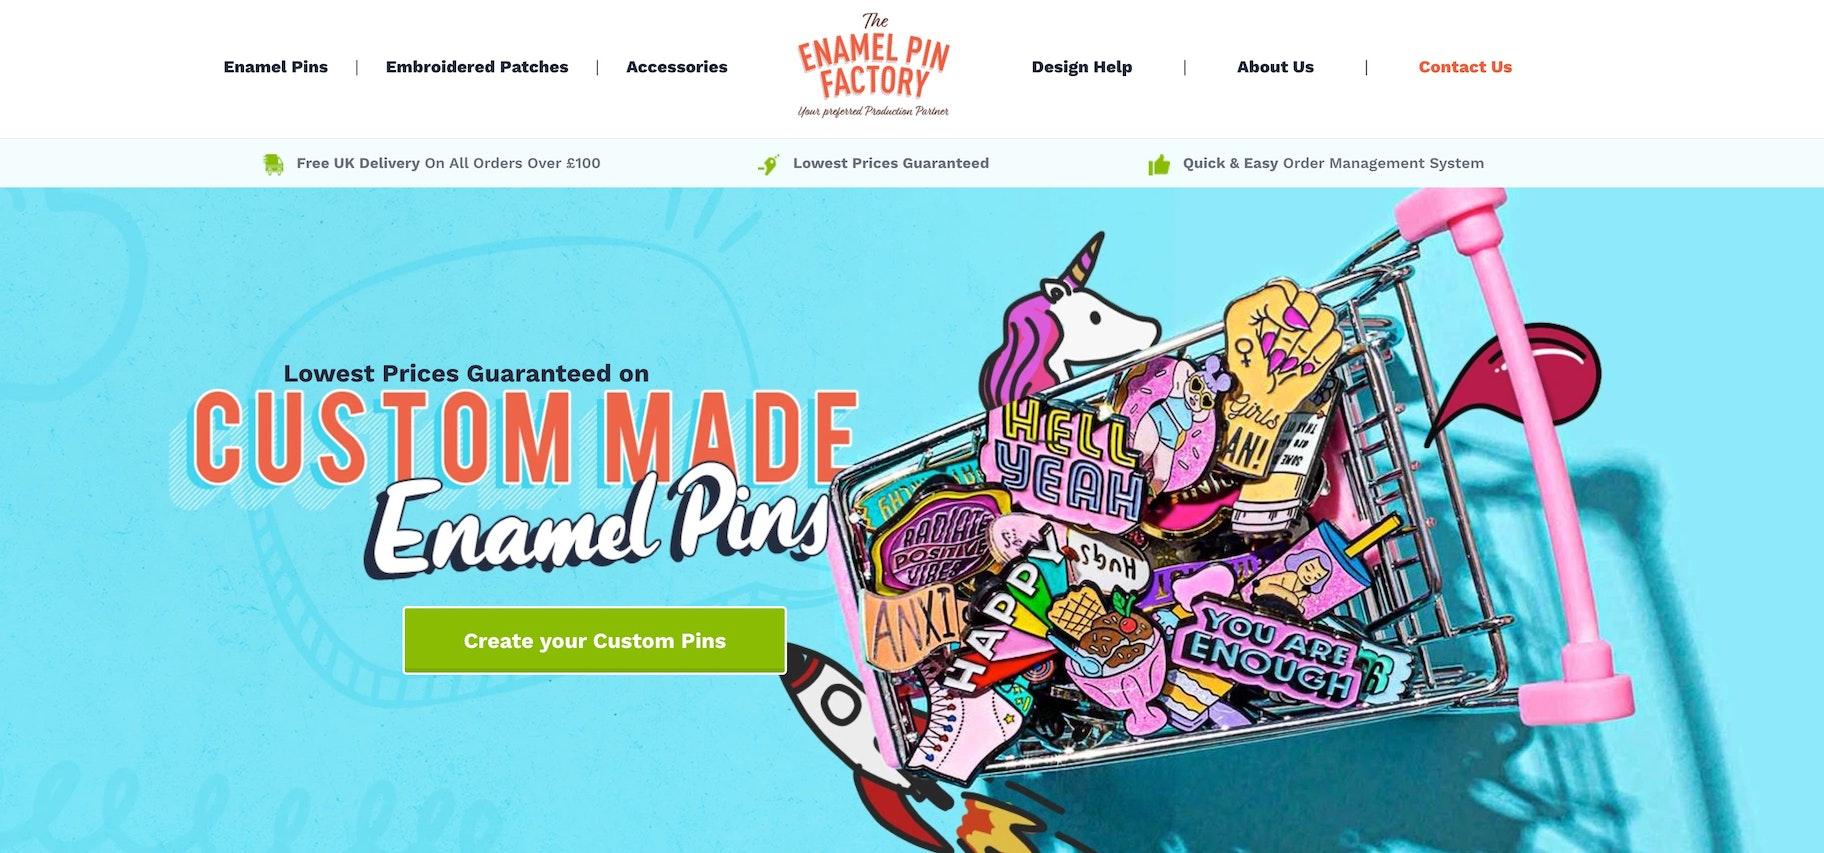 Shopify enamel pin store: The Enamel Pin Factory